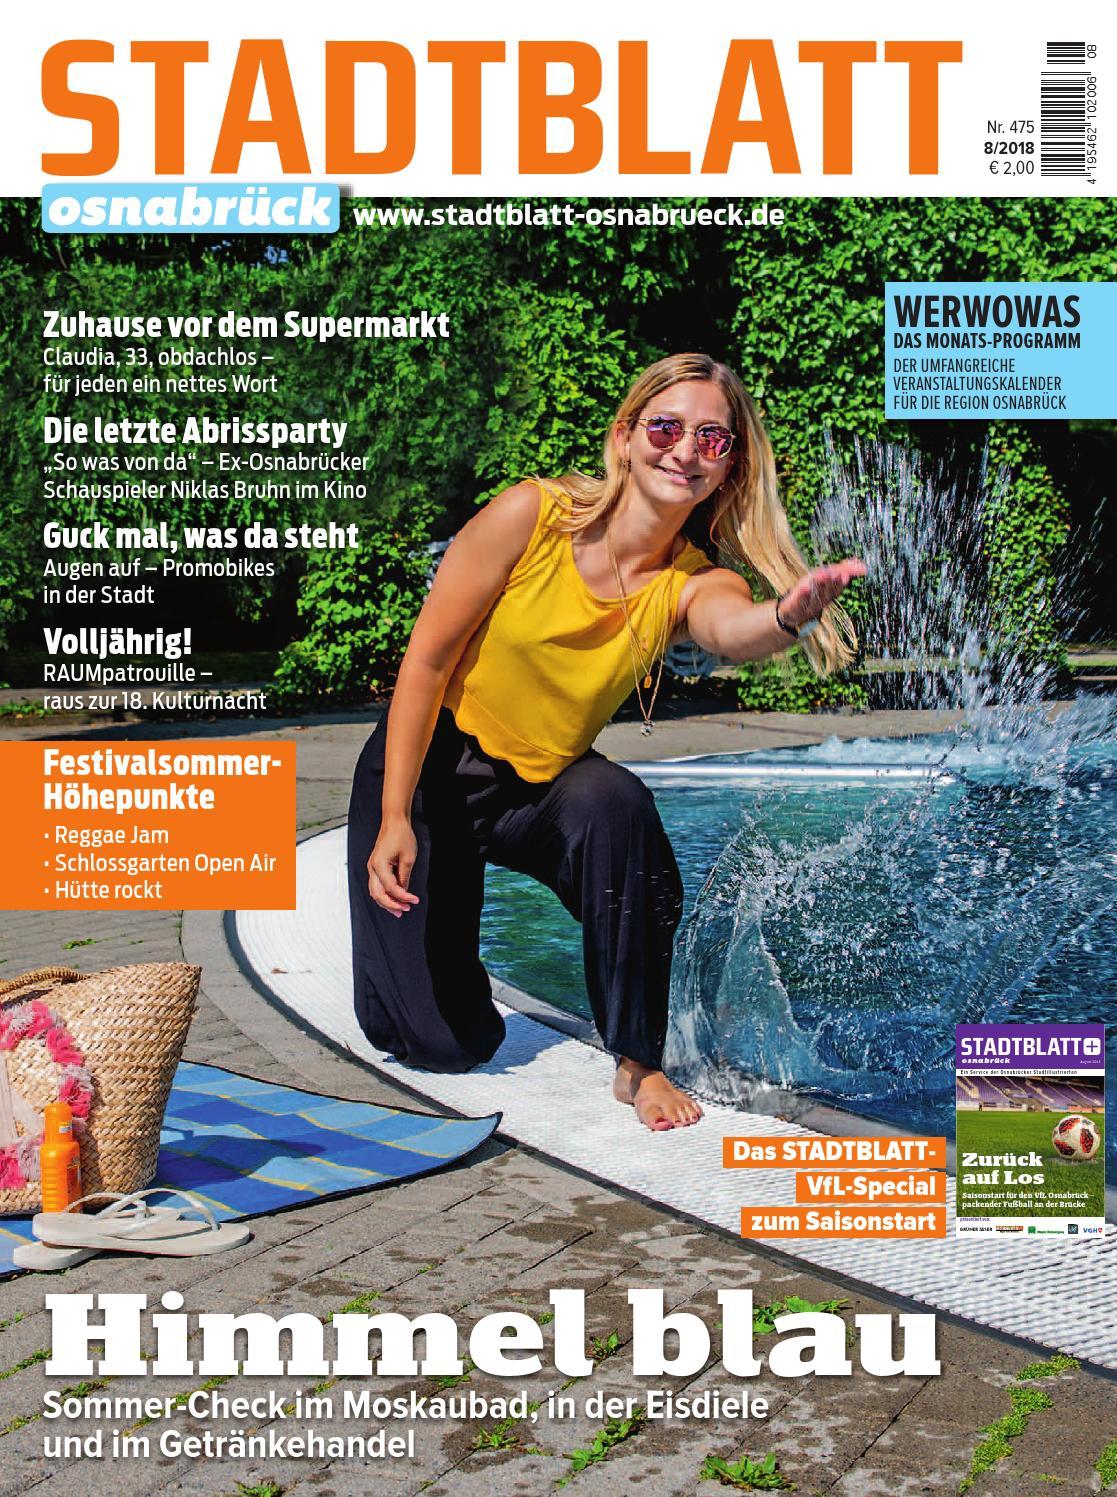 STADTBLATT 2018.08 by bvw werbeagentur - issuu